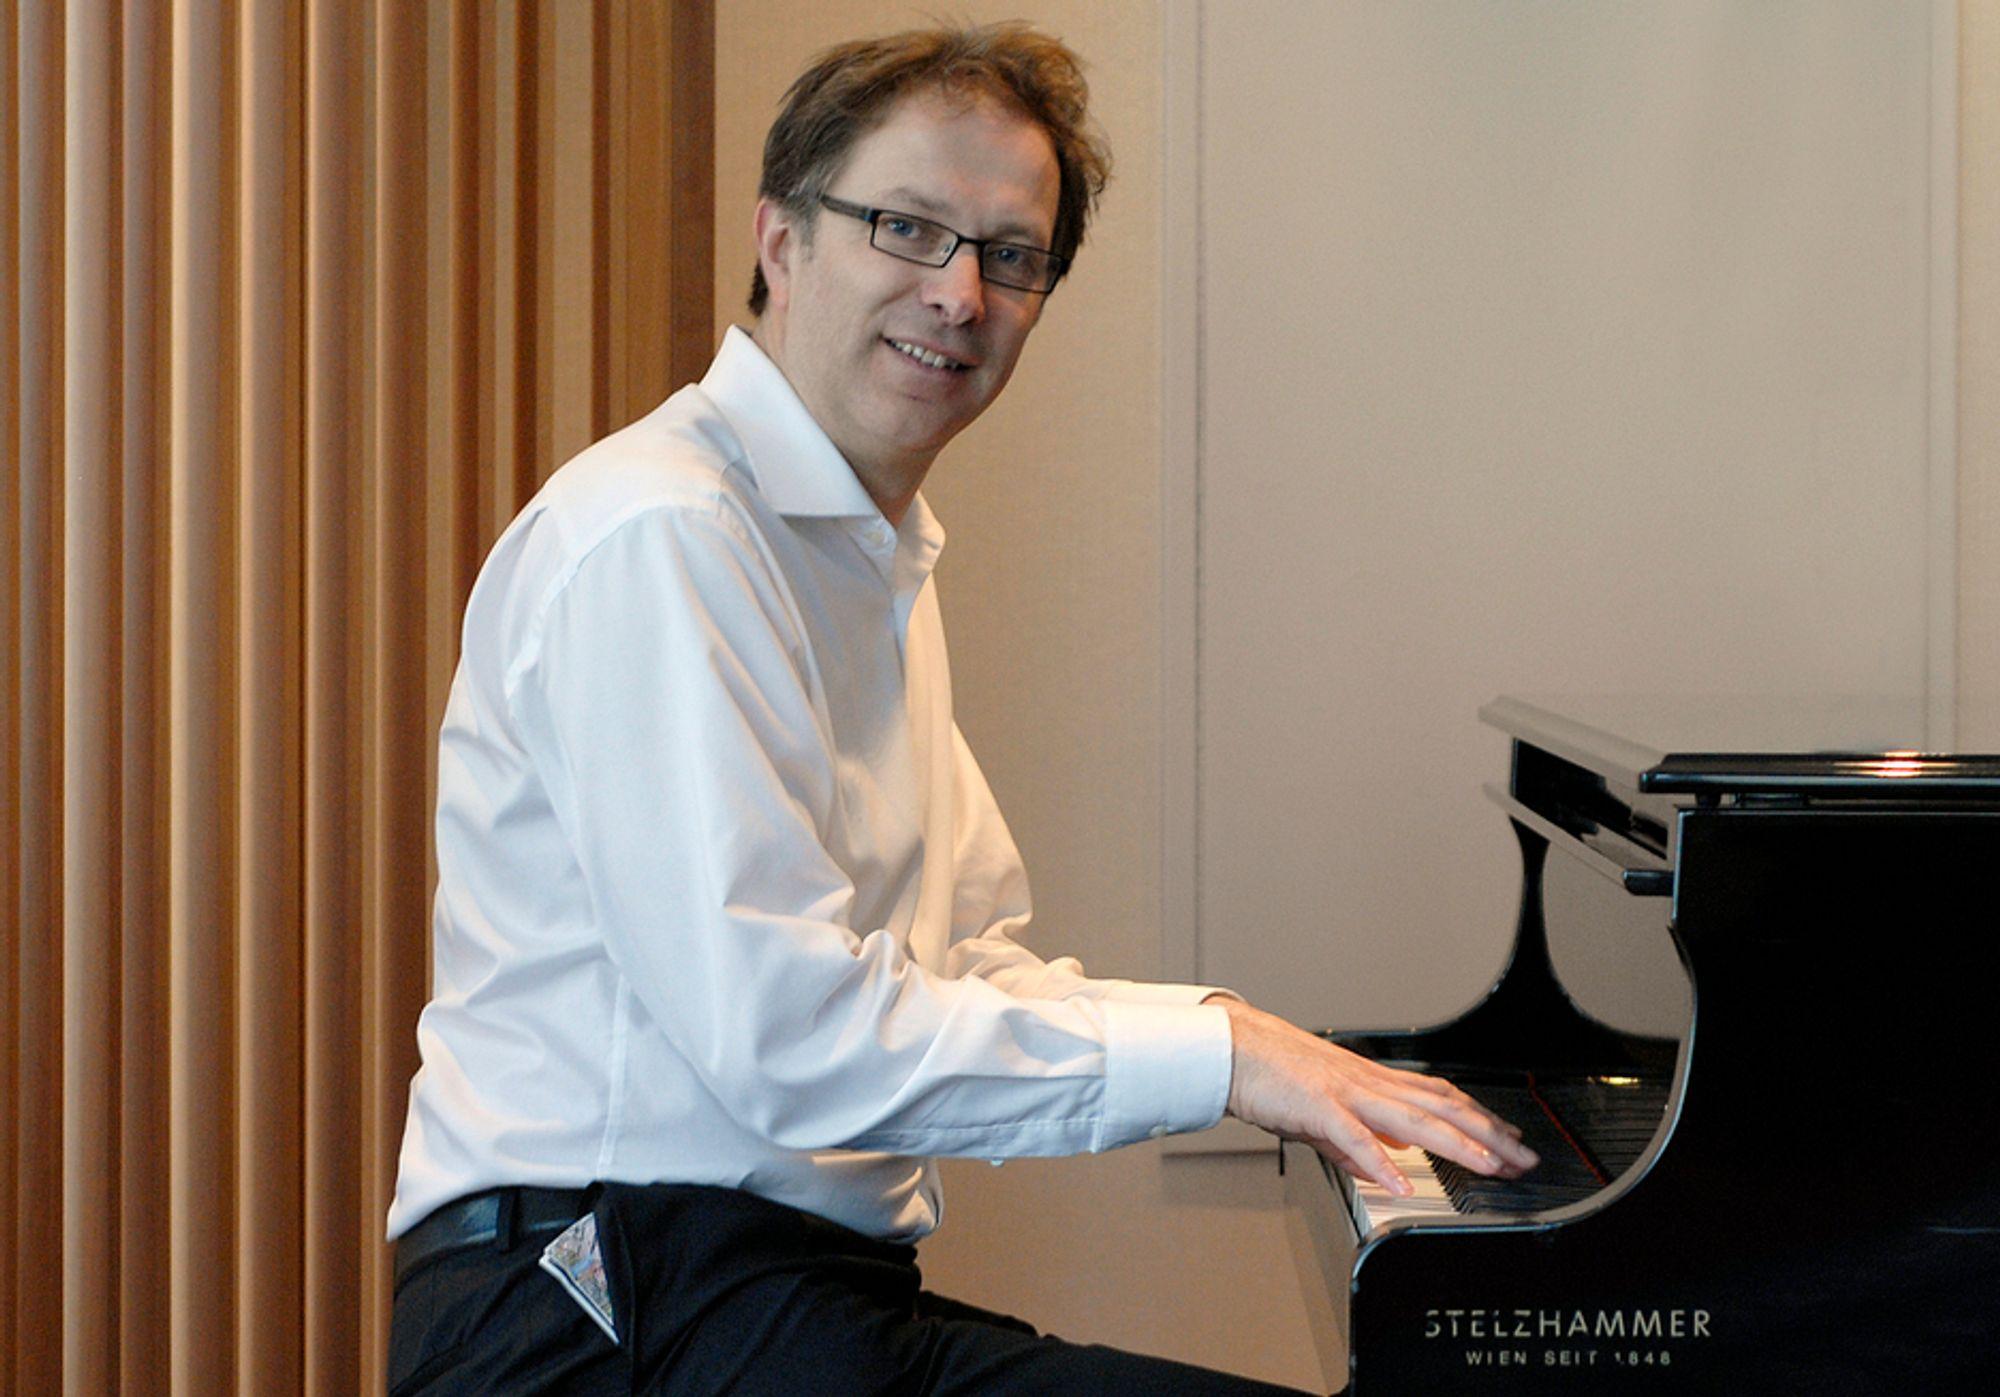 HAR NOK TANGENTER: Konserndirektør Gunnar G. Løvås i Statnett har mange tangenter å spille på for å få kraftsymfonien til å gå opp, og han ønsker ikke ytterligere en som Naturvernforbundet forsøker å prakke på ham.